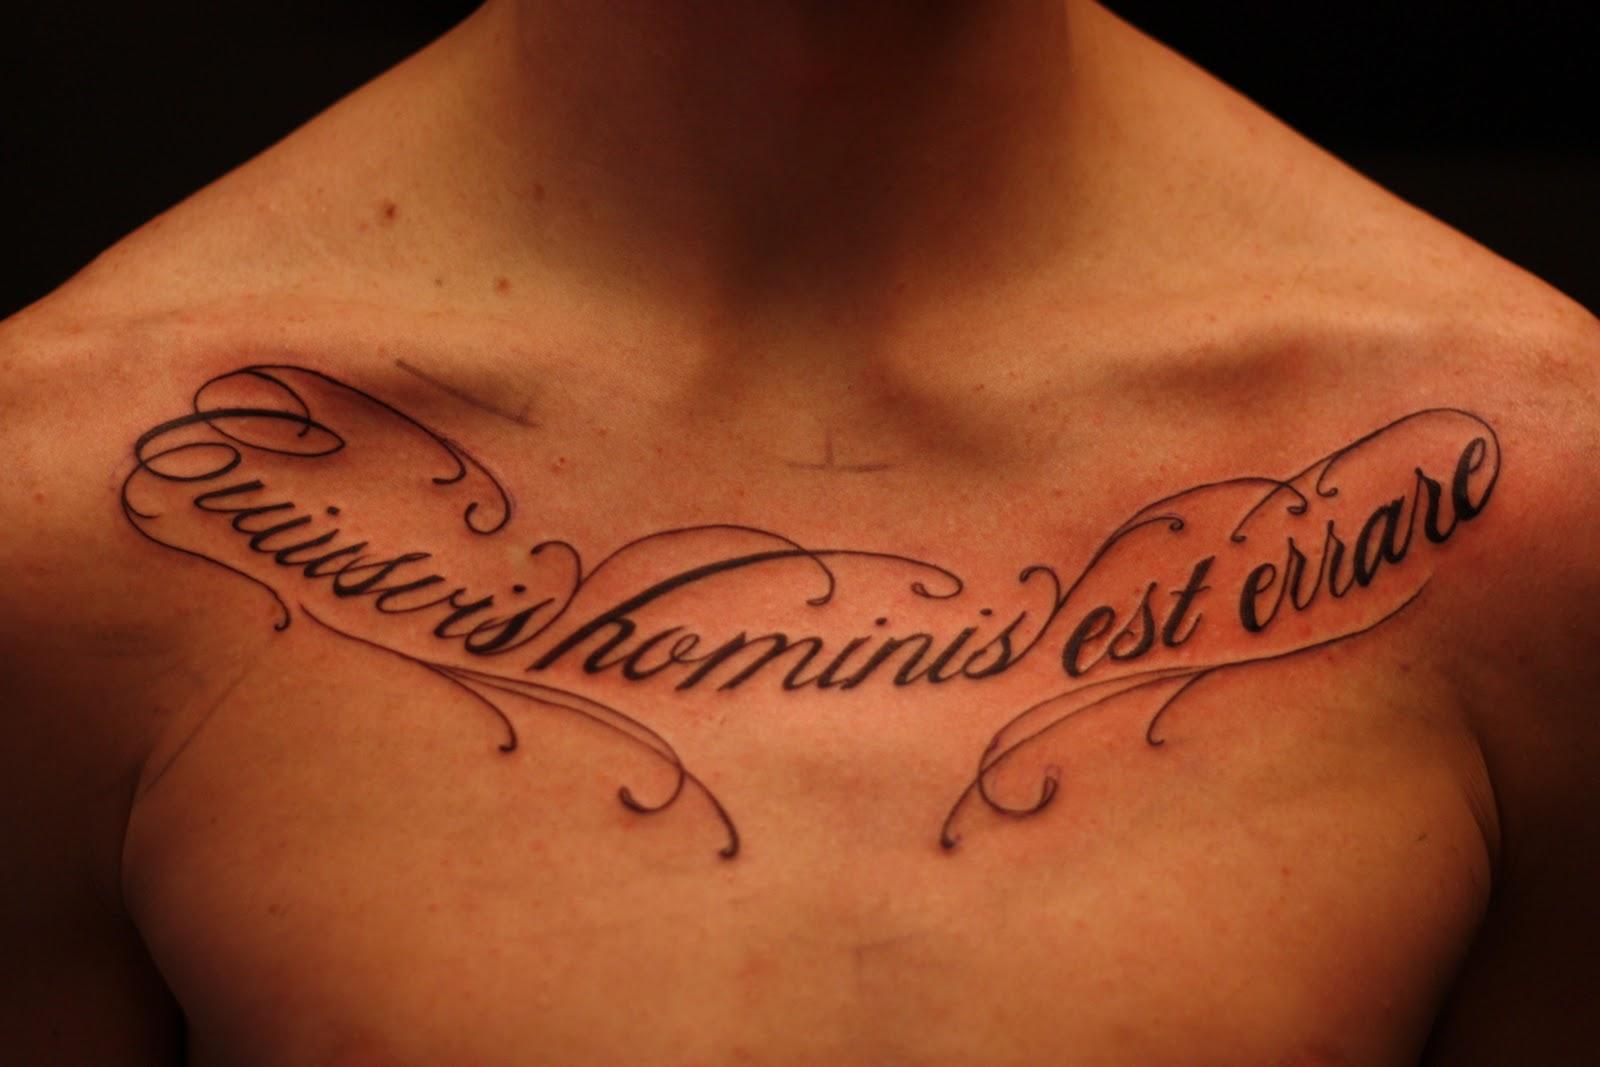 http://2.bp.blogspot.com/_AKx4l1UF2TE/TO-FmyL3W6I/AAAAAAAAAqM/fl-qF8vUmm8/s1600/tattoo+022.jpg